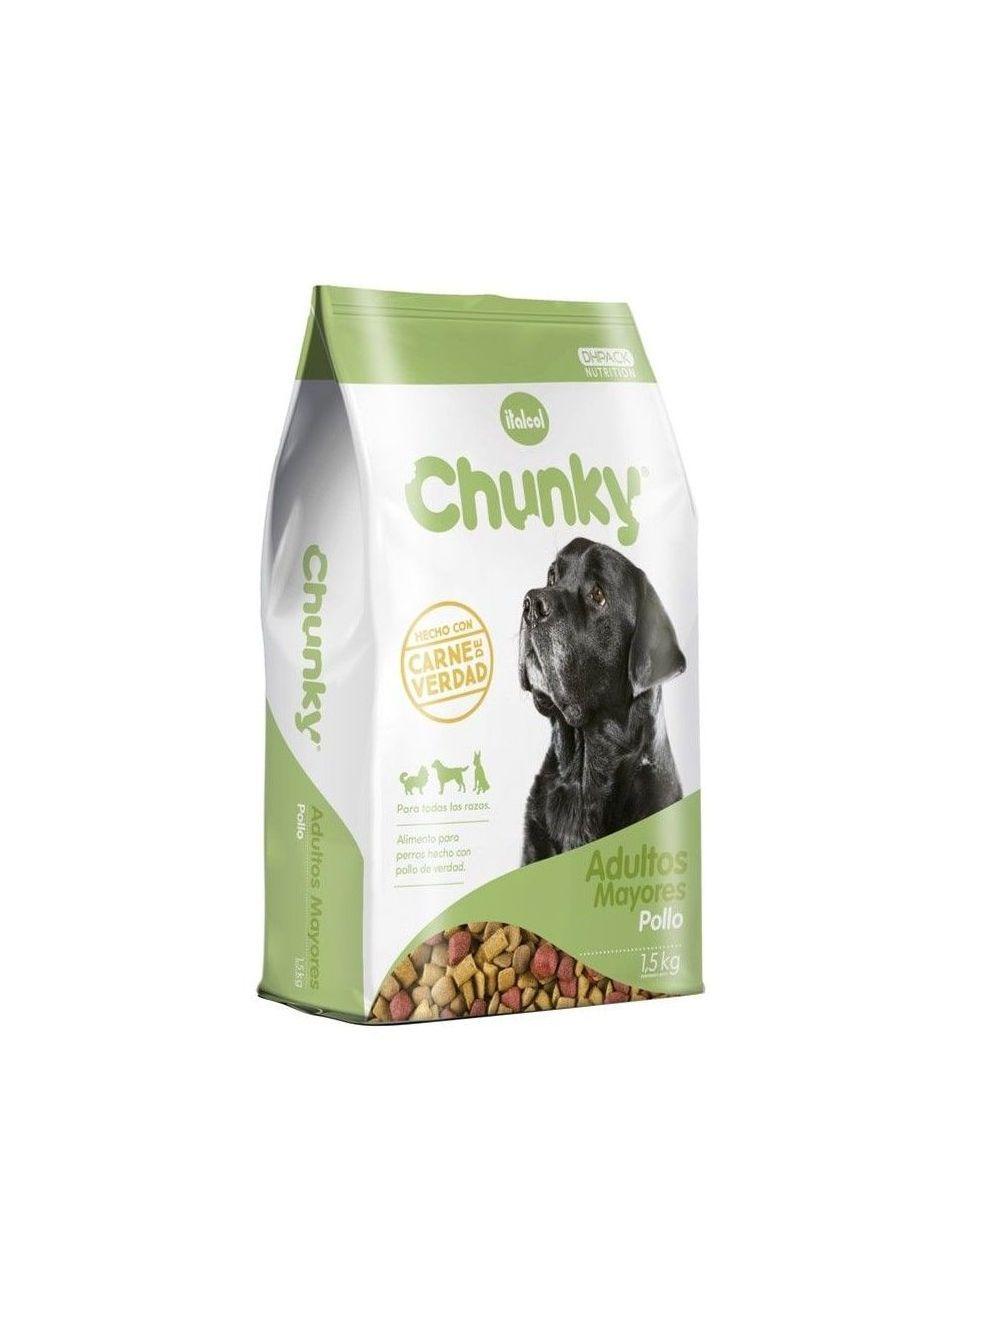 Comida Chunky adultos mayores 4 kg  - Ciudaddemascotas.com